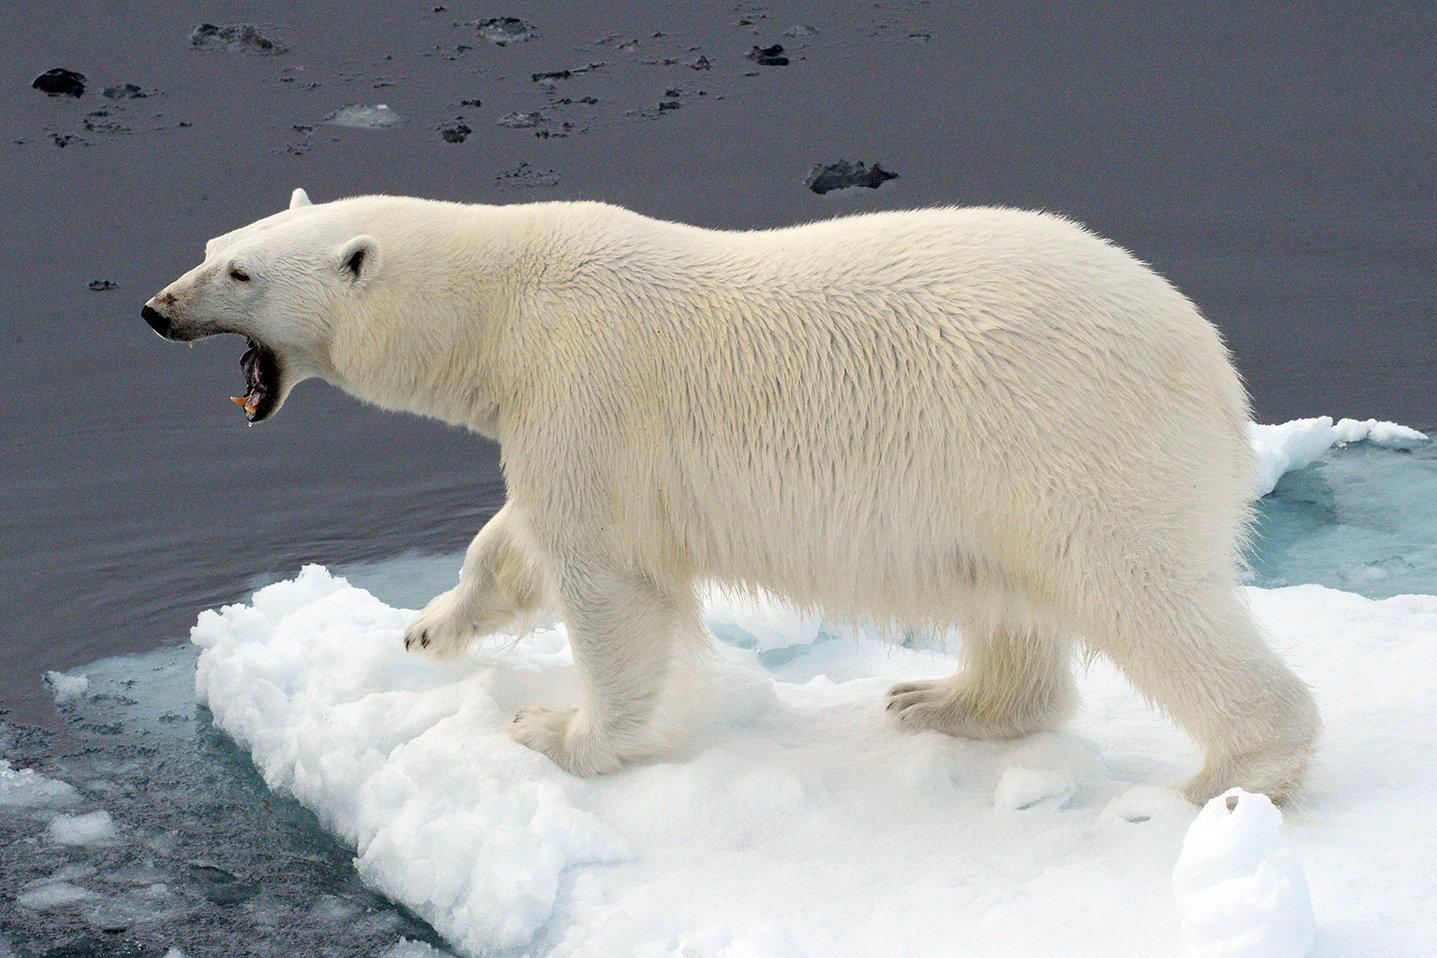 A polar bear on an ice flow in the Arctic Ocean